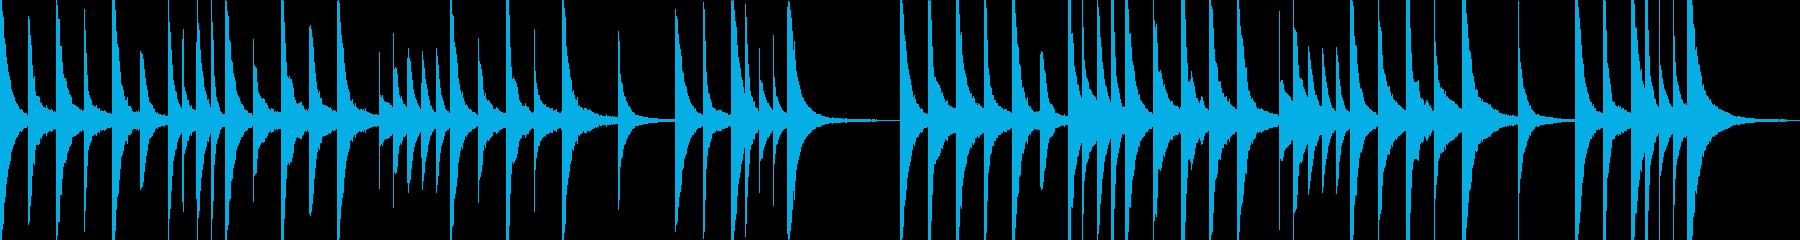 悲しい幻想的オルゴール ゲームオーバーの再生済みの波形